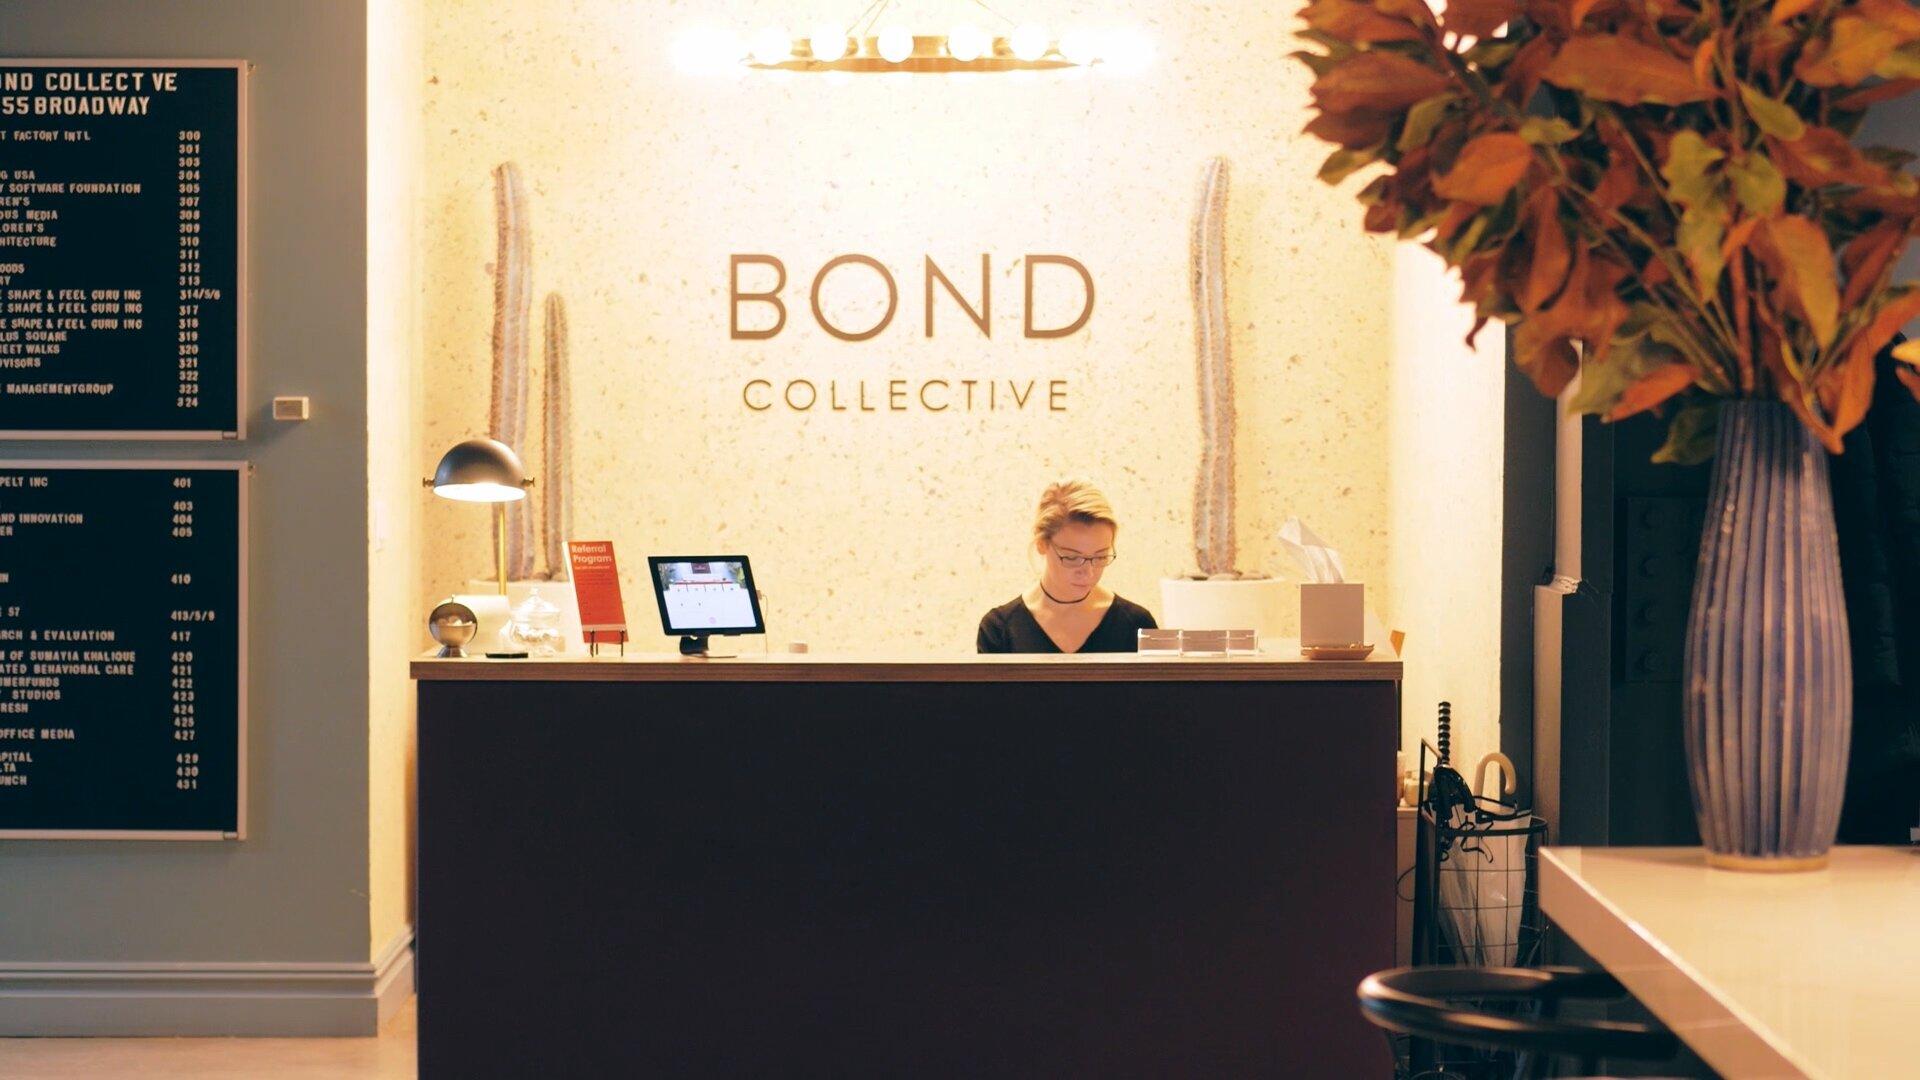 Bond Collective reception area